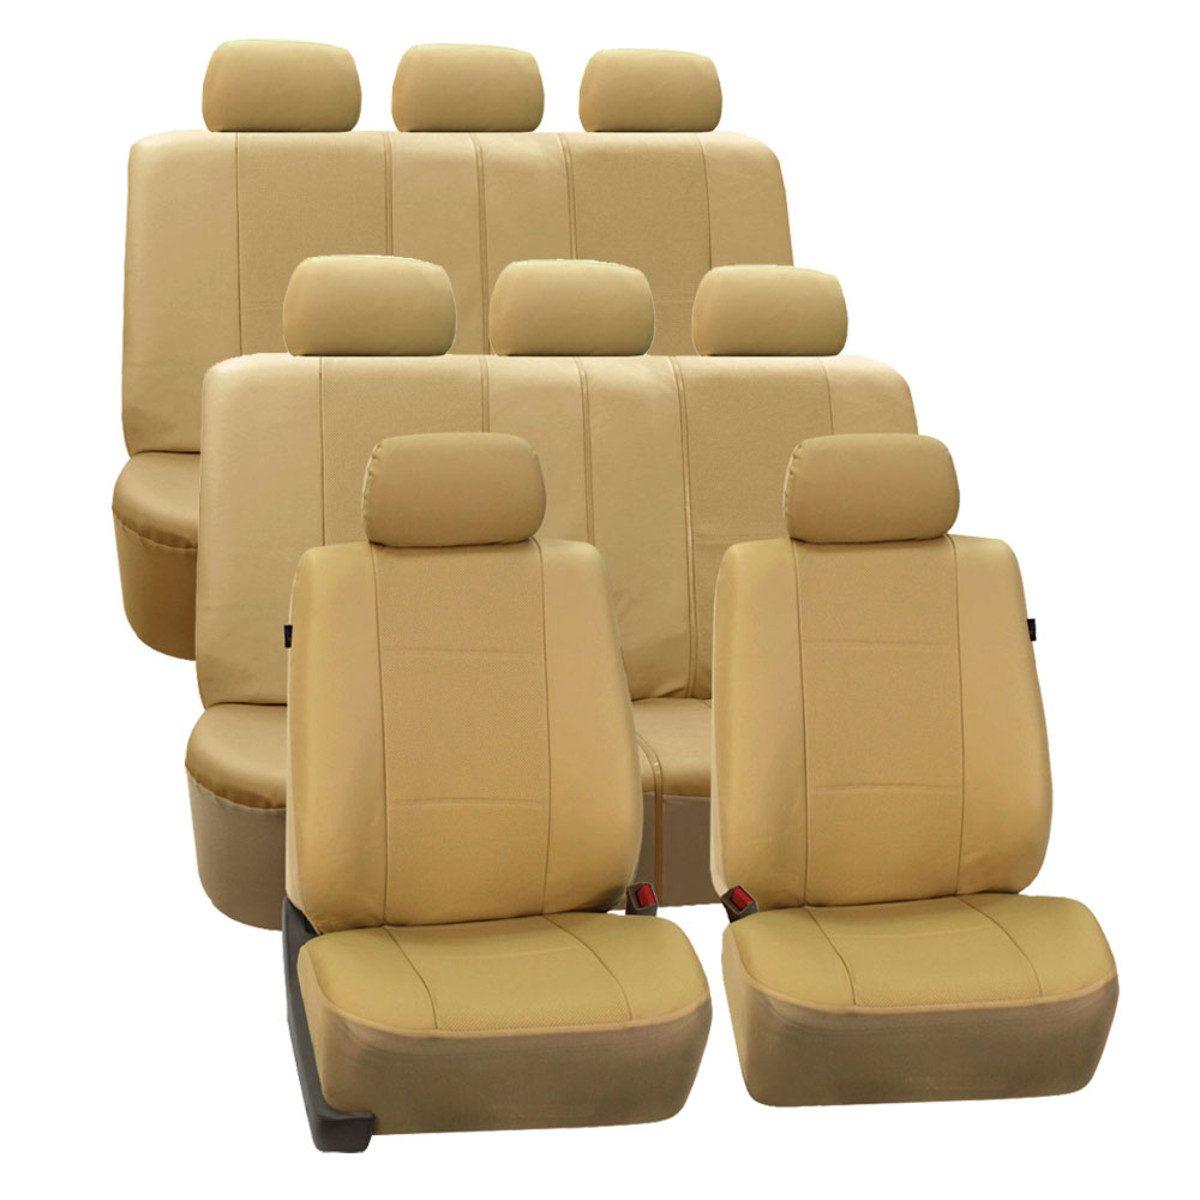 PU007128BEIGE seat cover